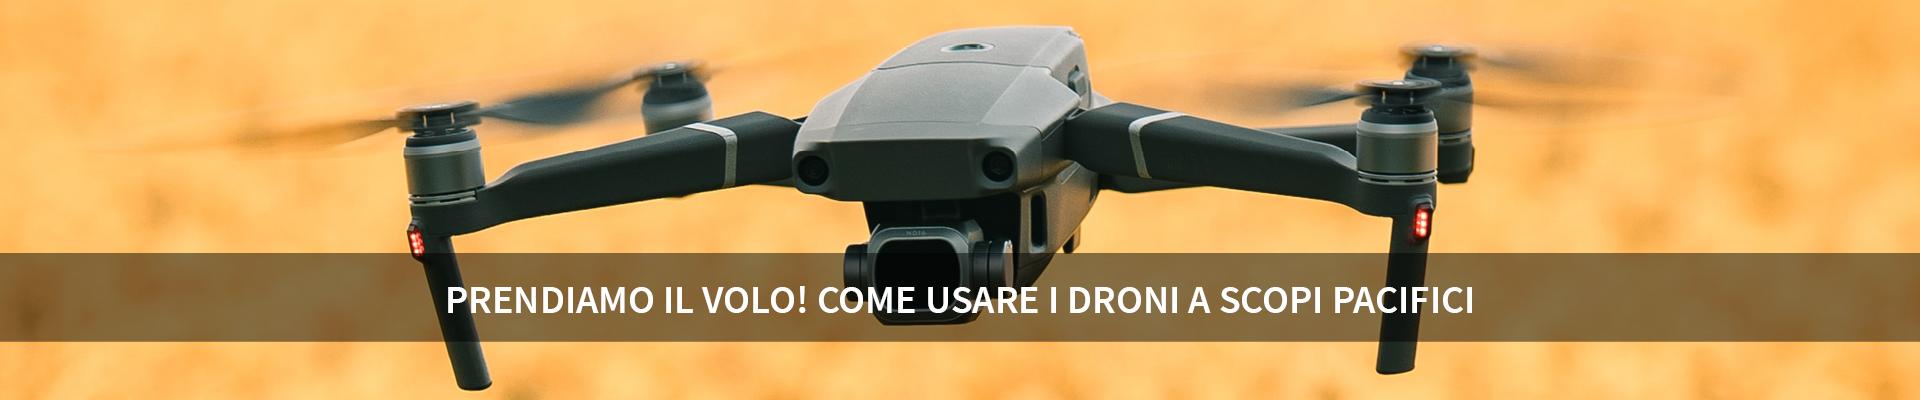 Prendiamo il volo! come usare i droni a scopi pacifici -